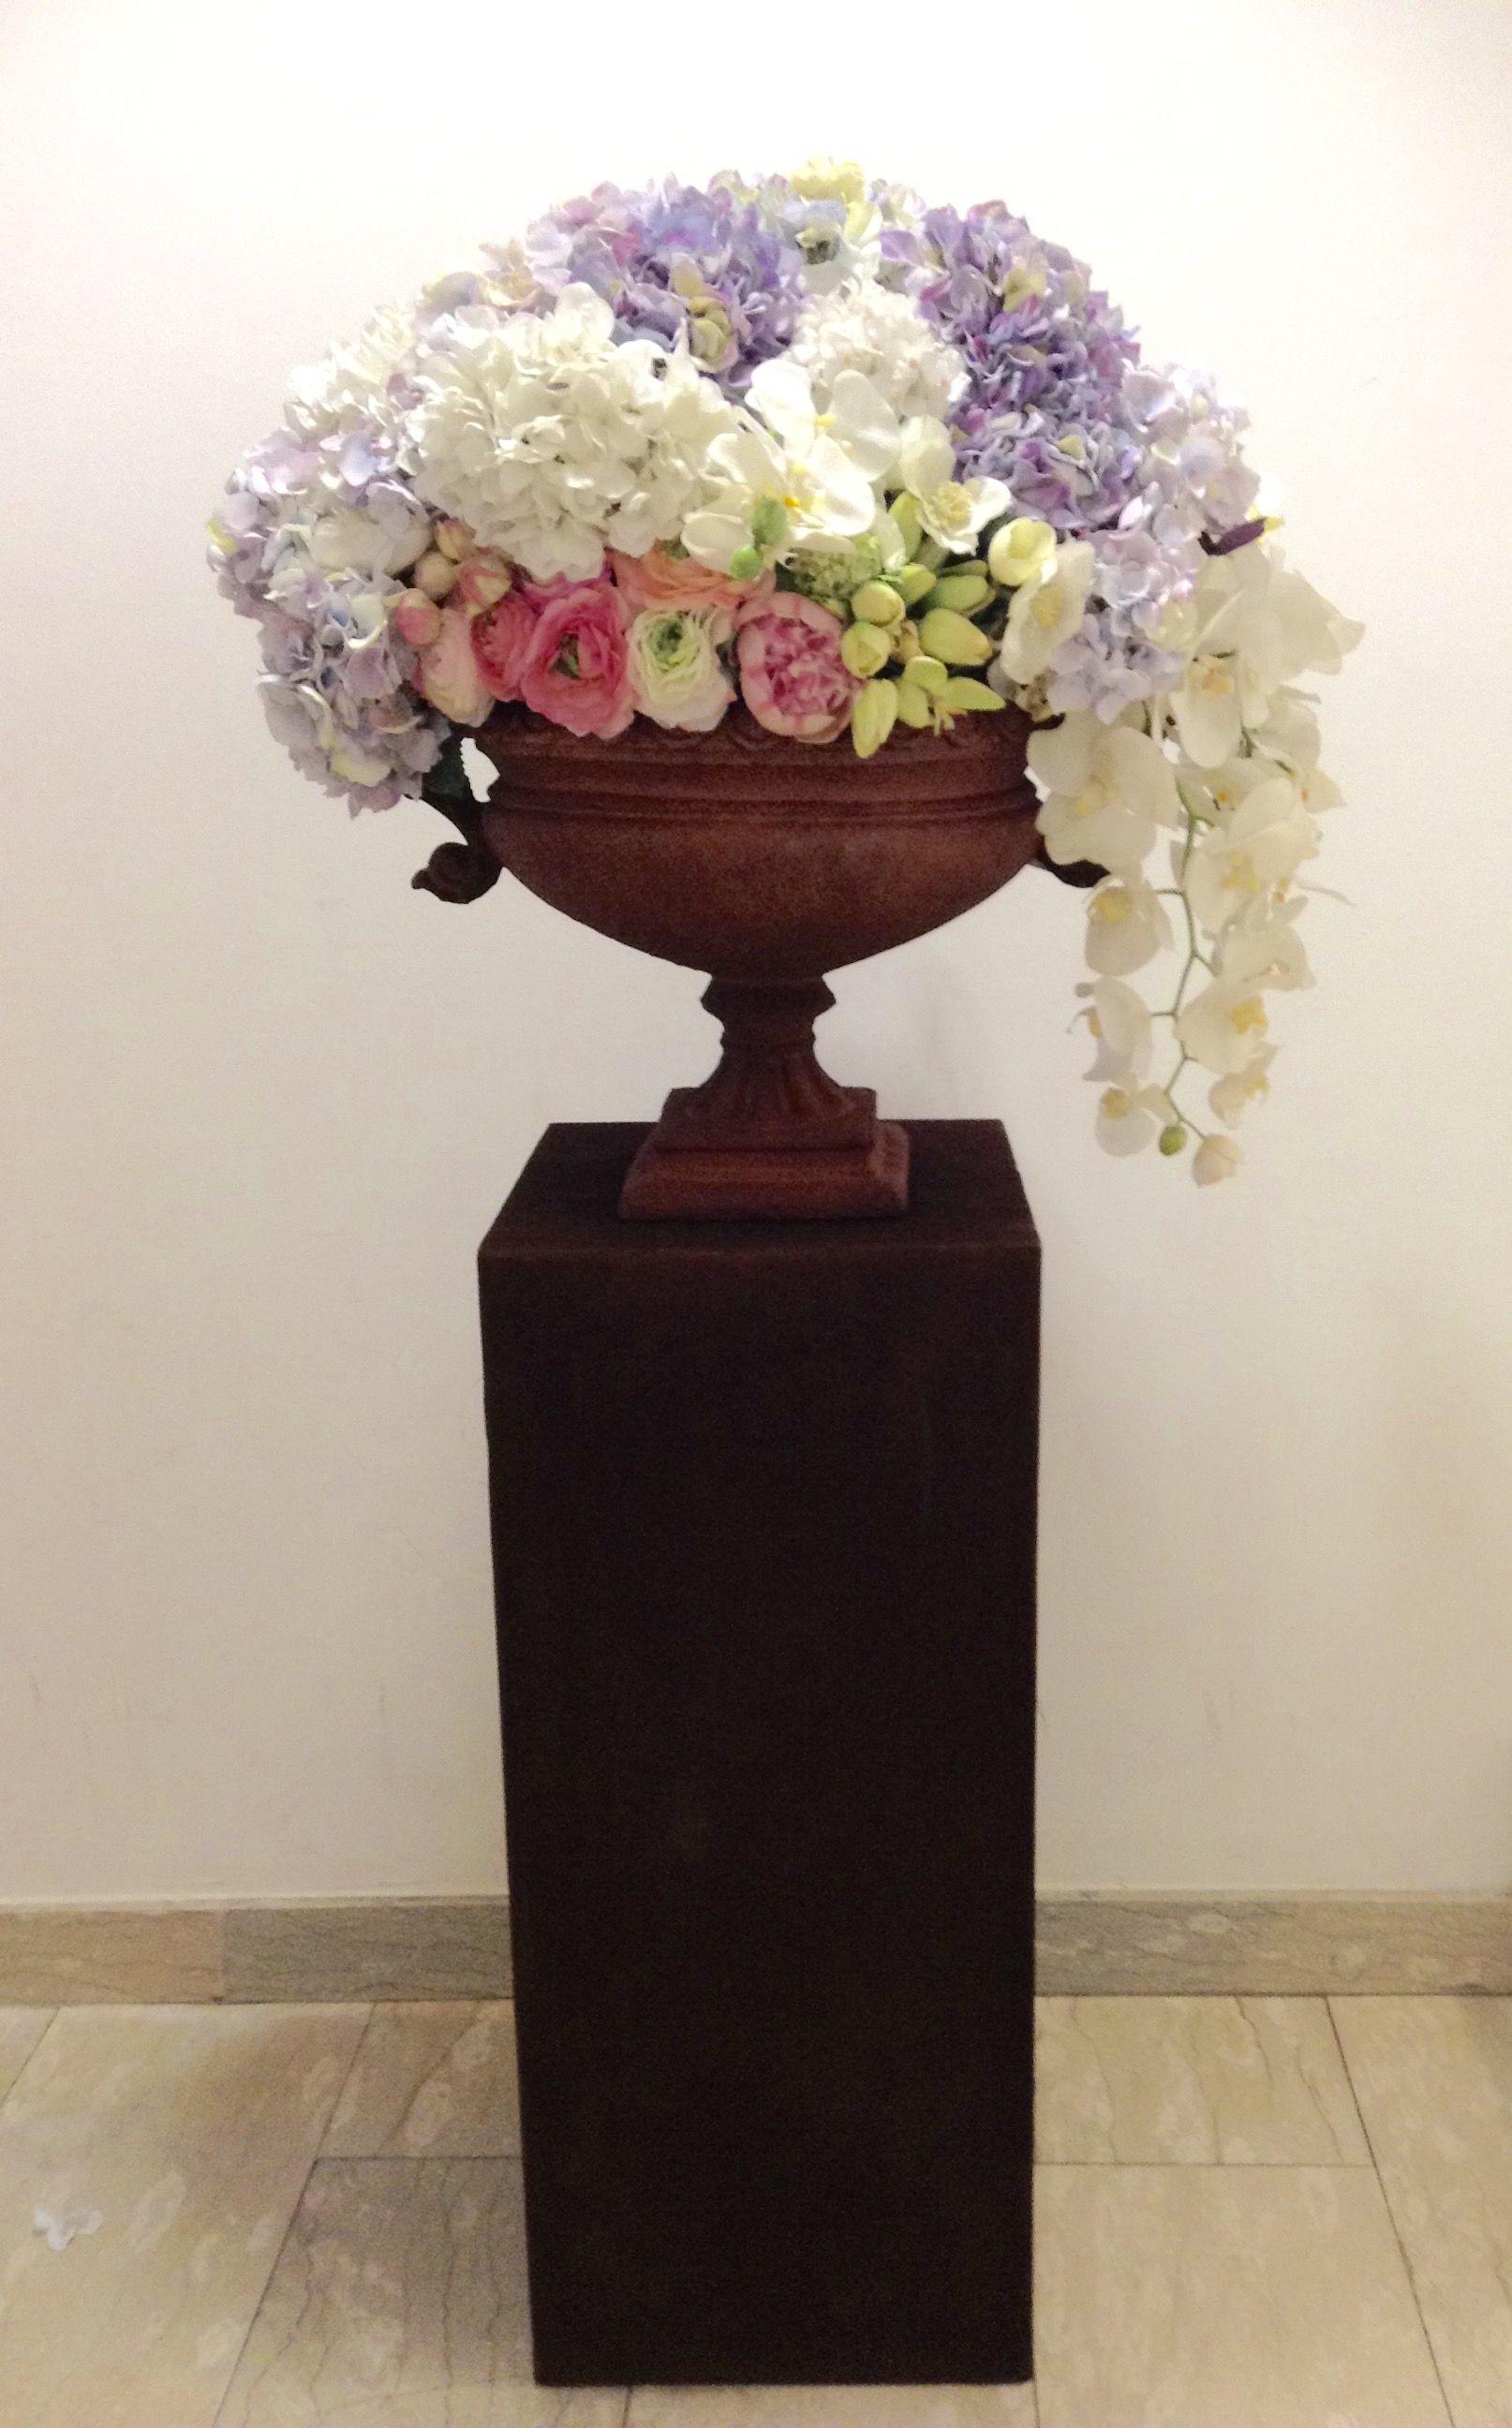 rent mercury glass vases of pedestal flower vase photos dsc7285h vases gold pedestal vase glass inside pedestal flower vase image rusty big urn on rusty pedestal of pedestal flower vase phot